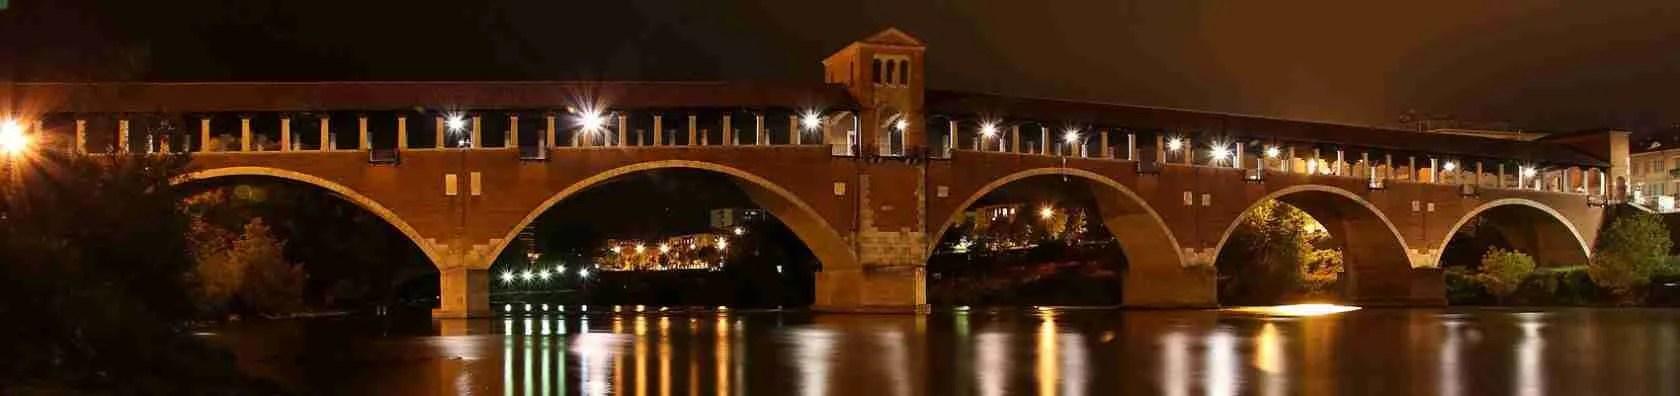 Le escort Pavia adorano fare una passeggiata romantica lungo il ponte coperto, il vero simbolo di Pavia, in compagnia del loro amante occasionale.